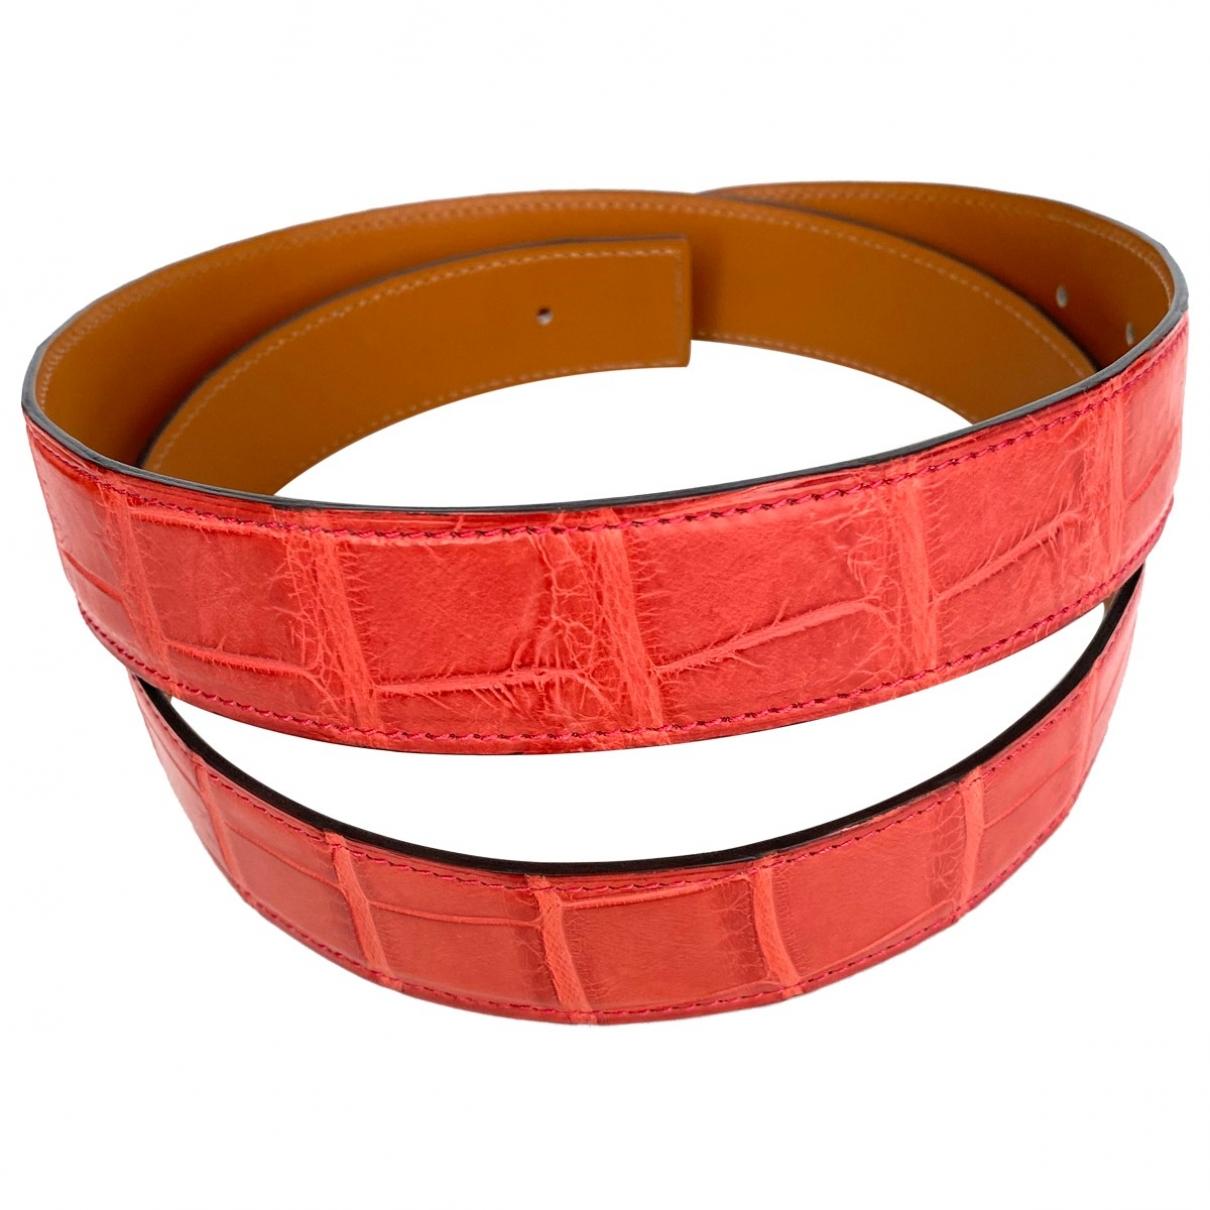 Hermes Cuir seul / Leather Strap Guertel in  Rot Krokodil